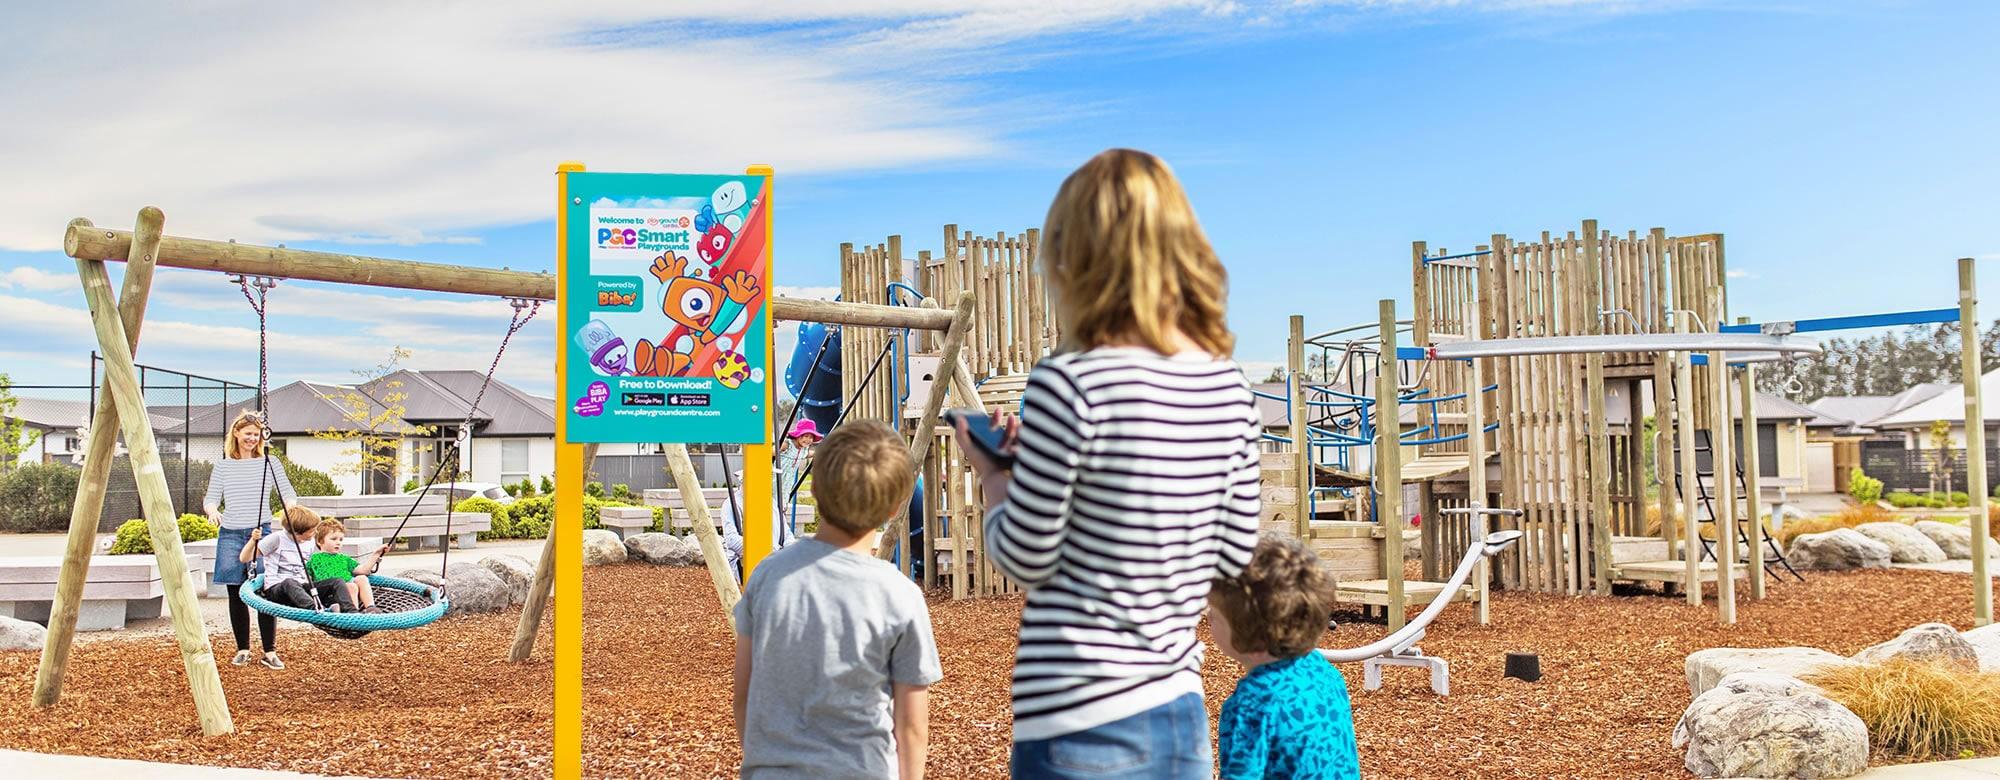 Discover A Smart Playground Playground Centre